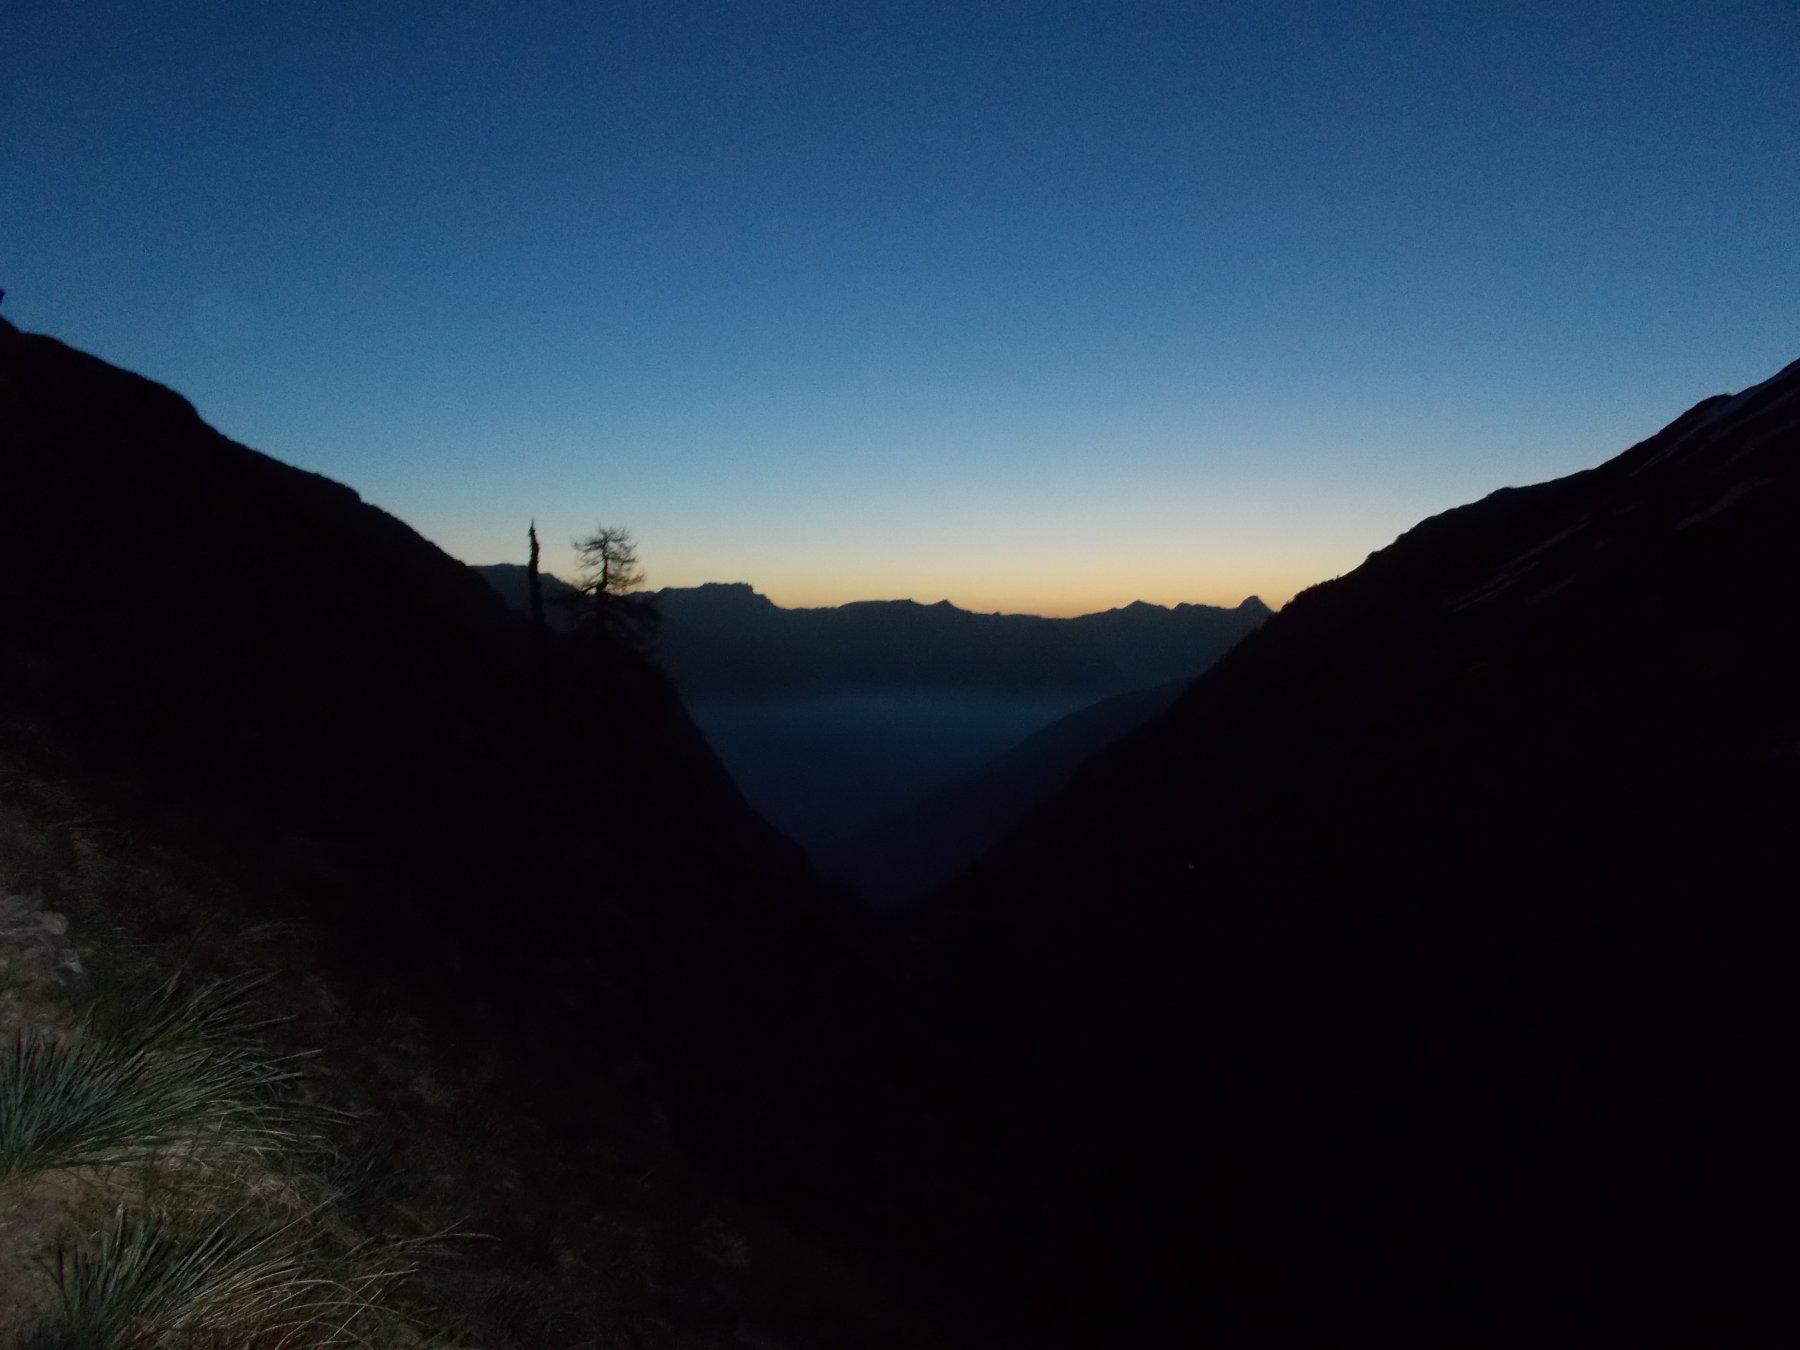 e' ancora notte nell'alto vallone del Piz..ma sta albeggiando..